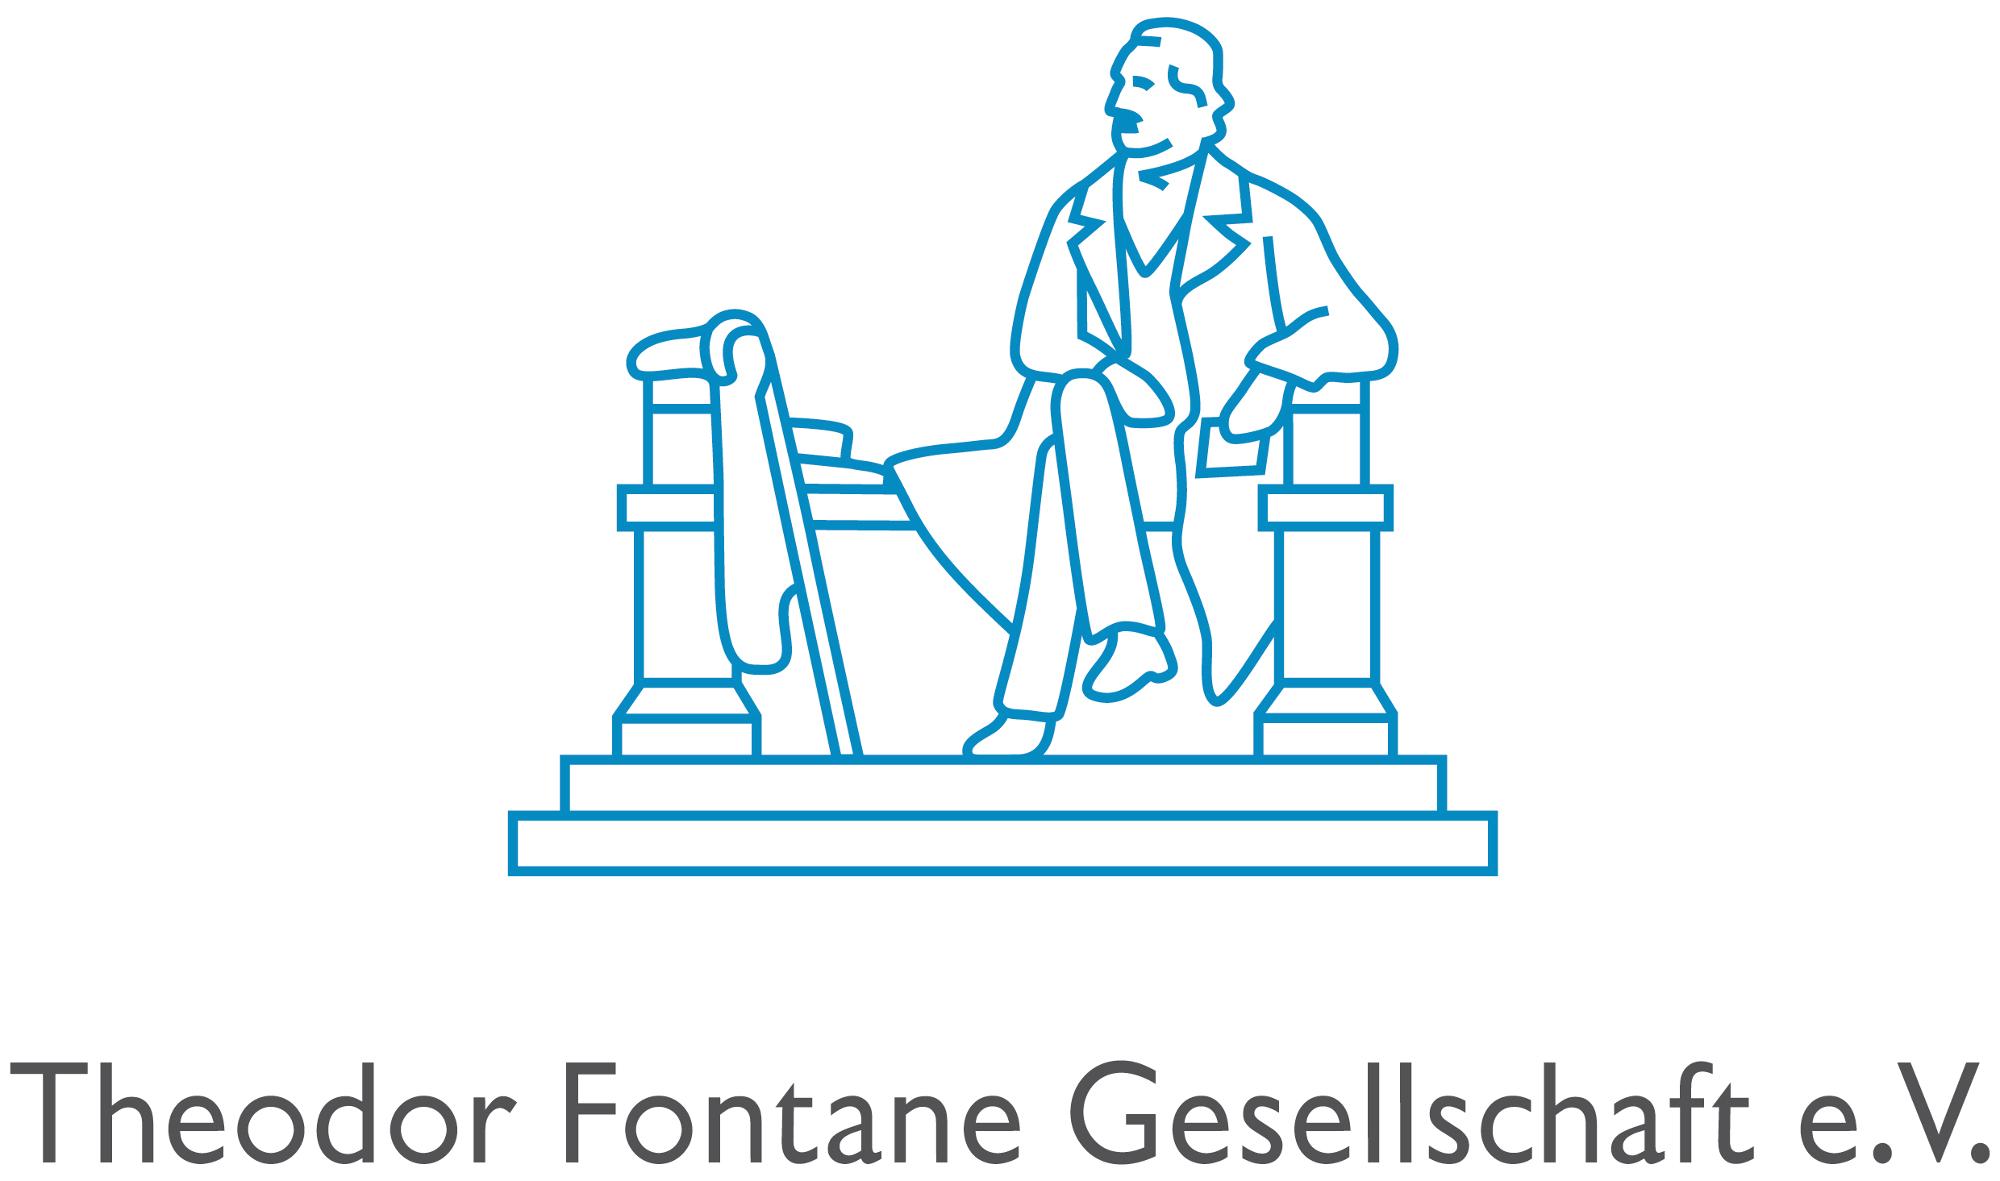 Theodor-Fontane-Gesellschaft